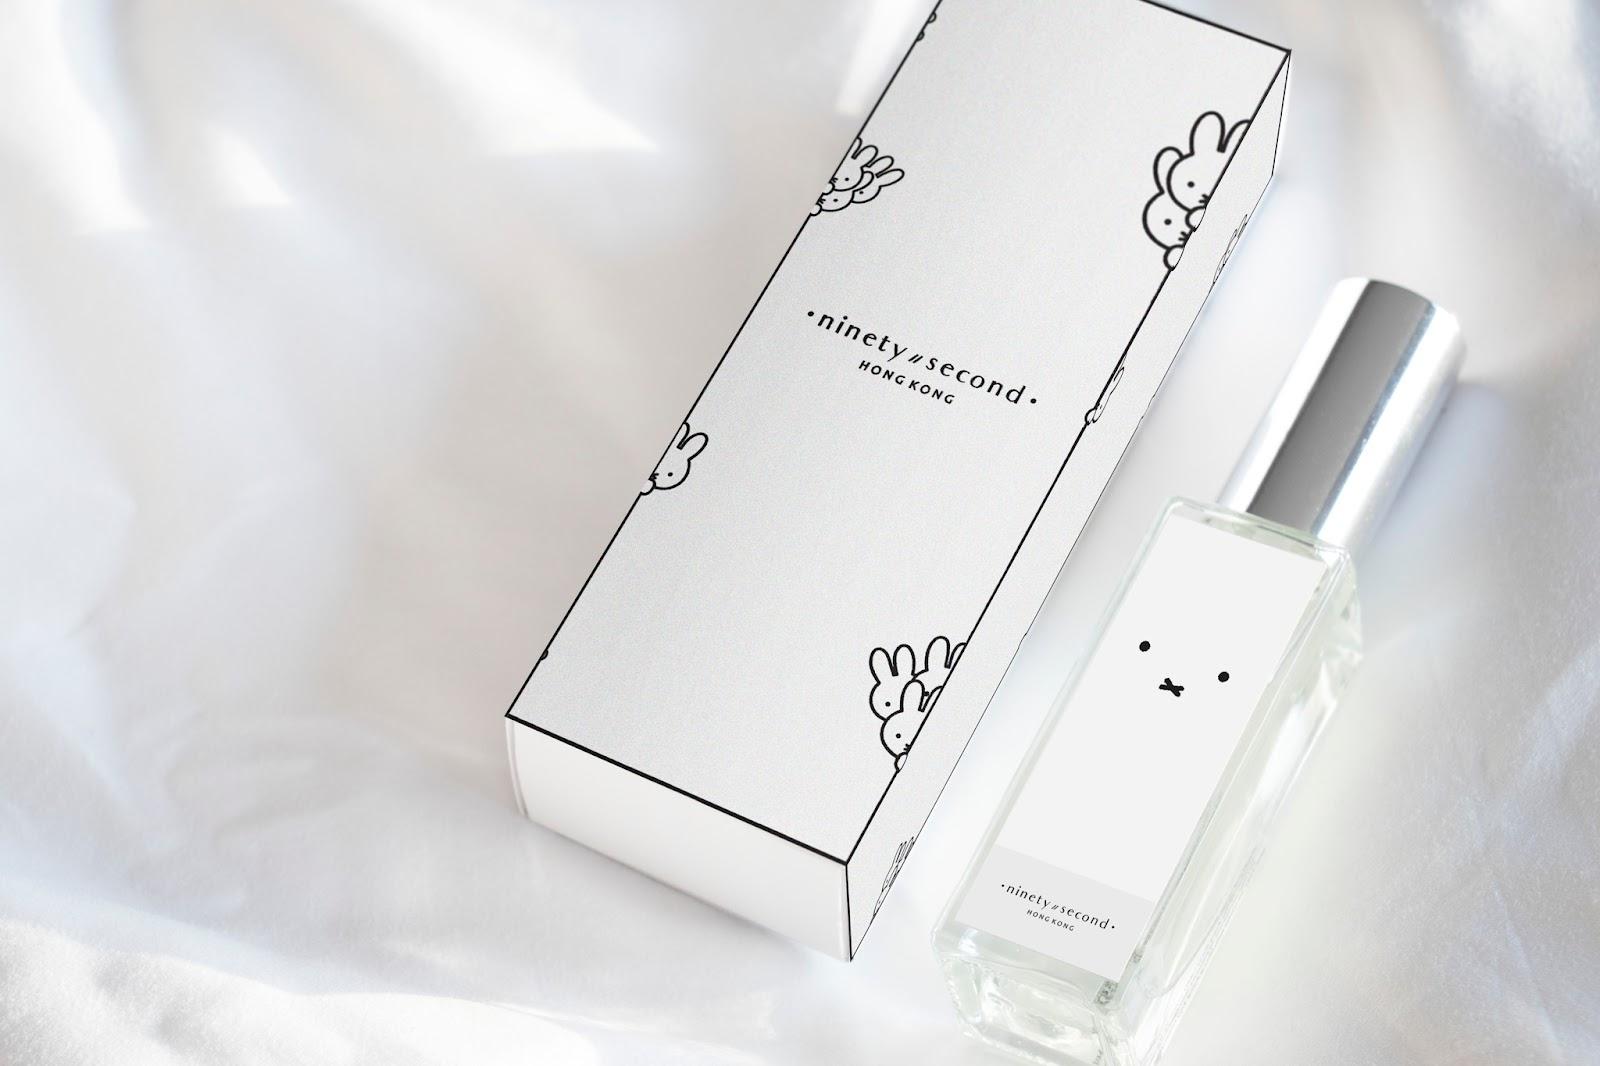 2021母親節 媽媽禮物 媽媽生日禮物 香水 面膜 推薦